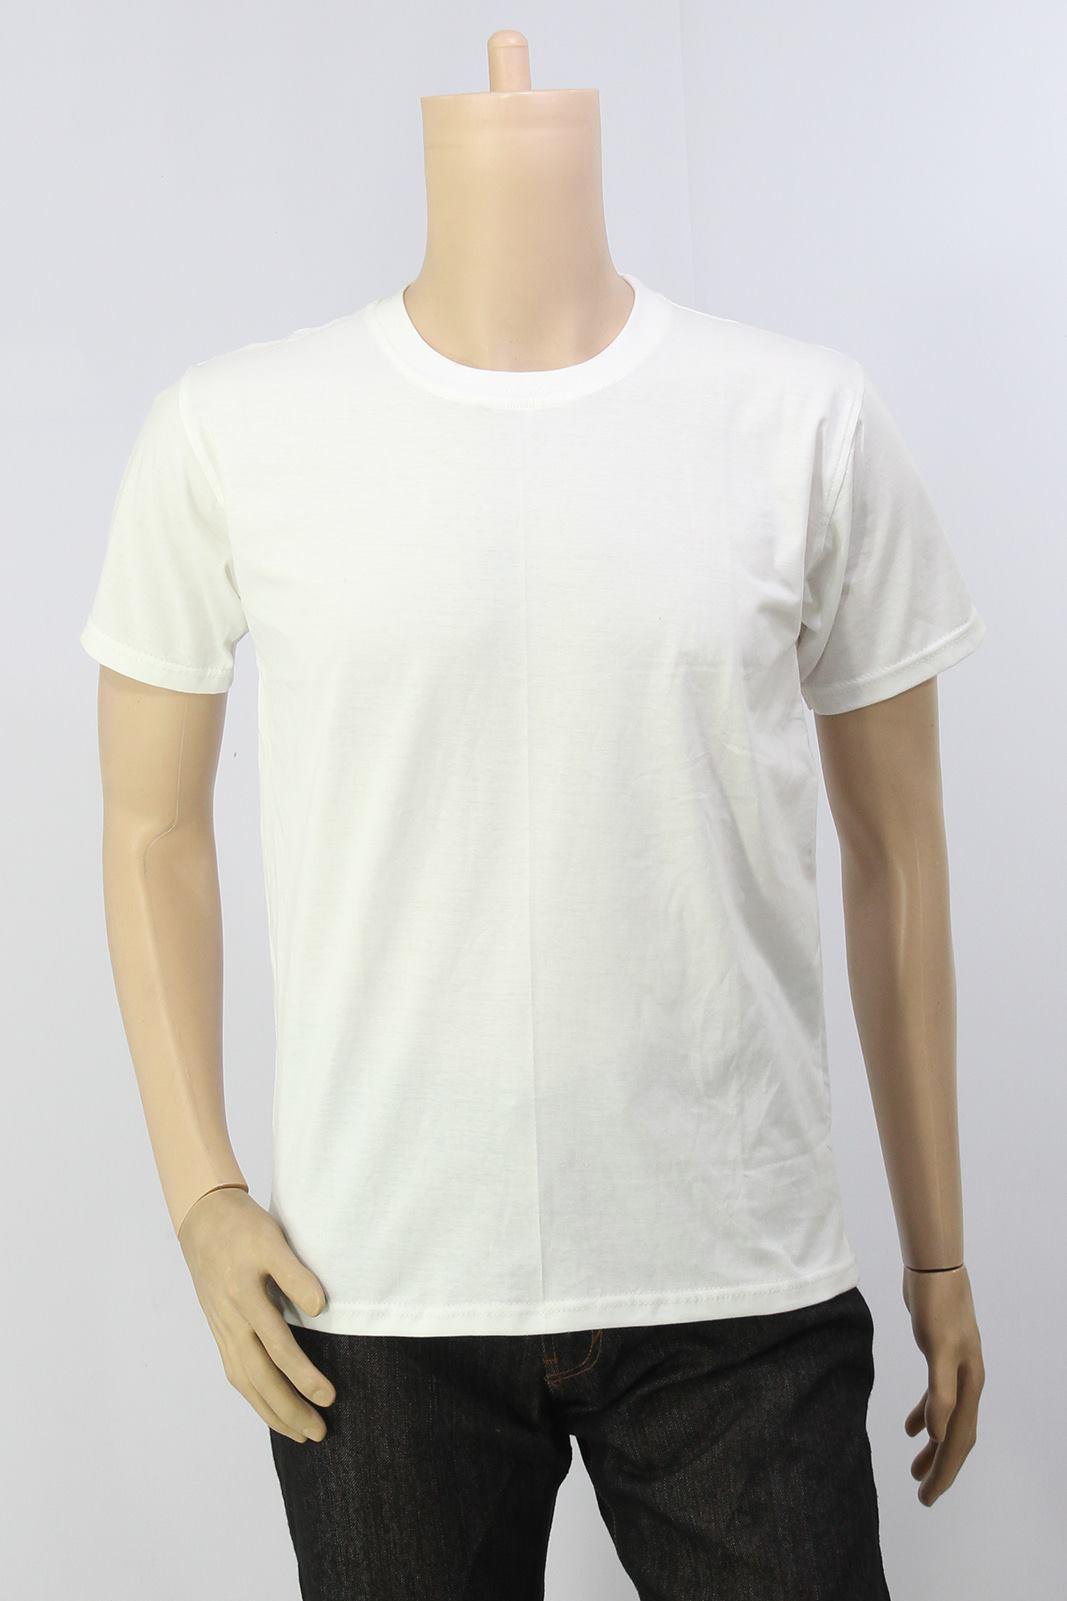 Kaos oblong Polos Putih - Kaos Putih Polos - Kaos Polos Dewasa - Kaos Polos